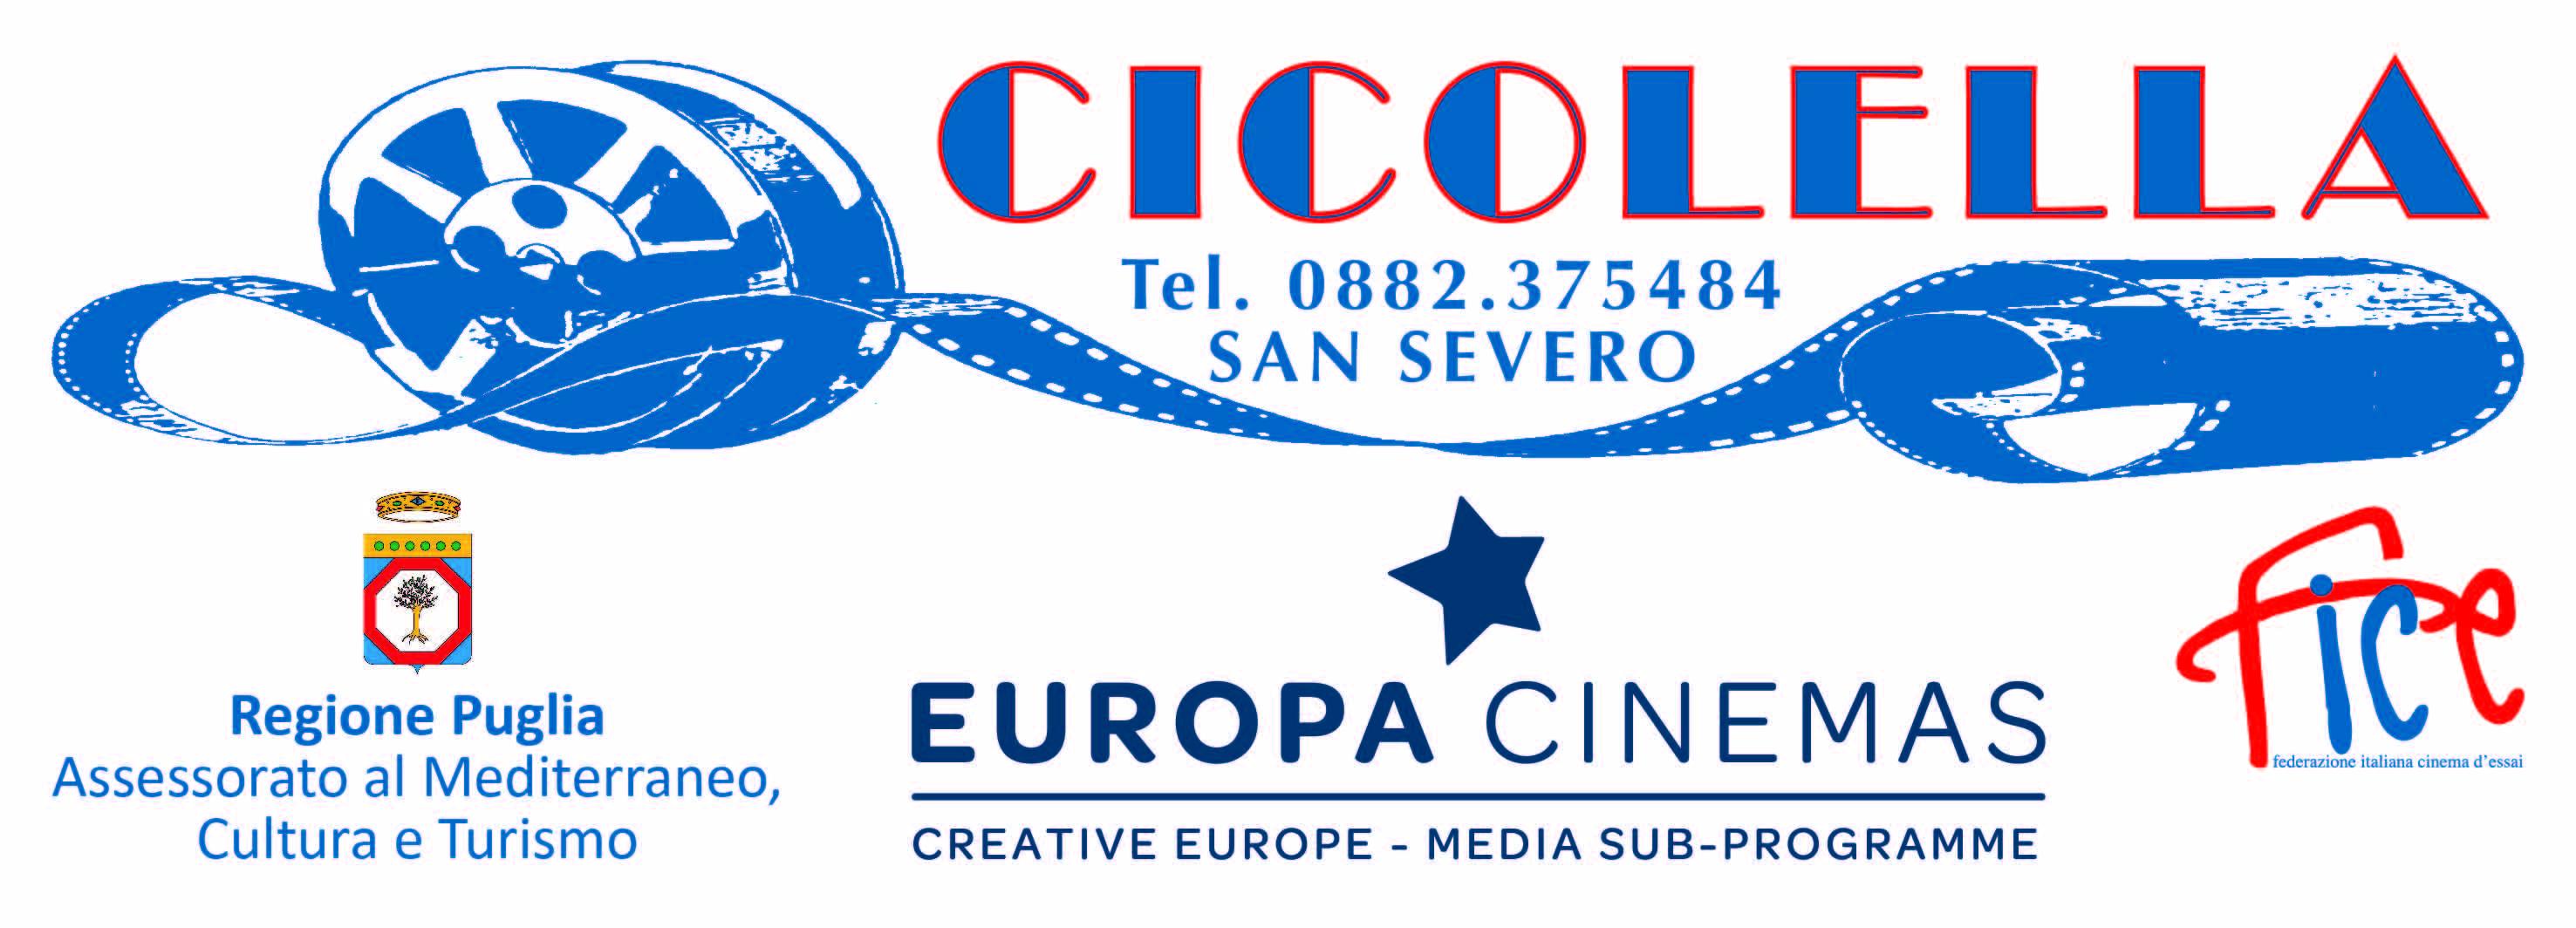 Cinema Cicolella - Via Filippo D'Alfonso, 70, 71016 San Severo FG tel. 0882.375484